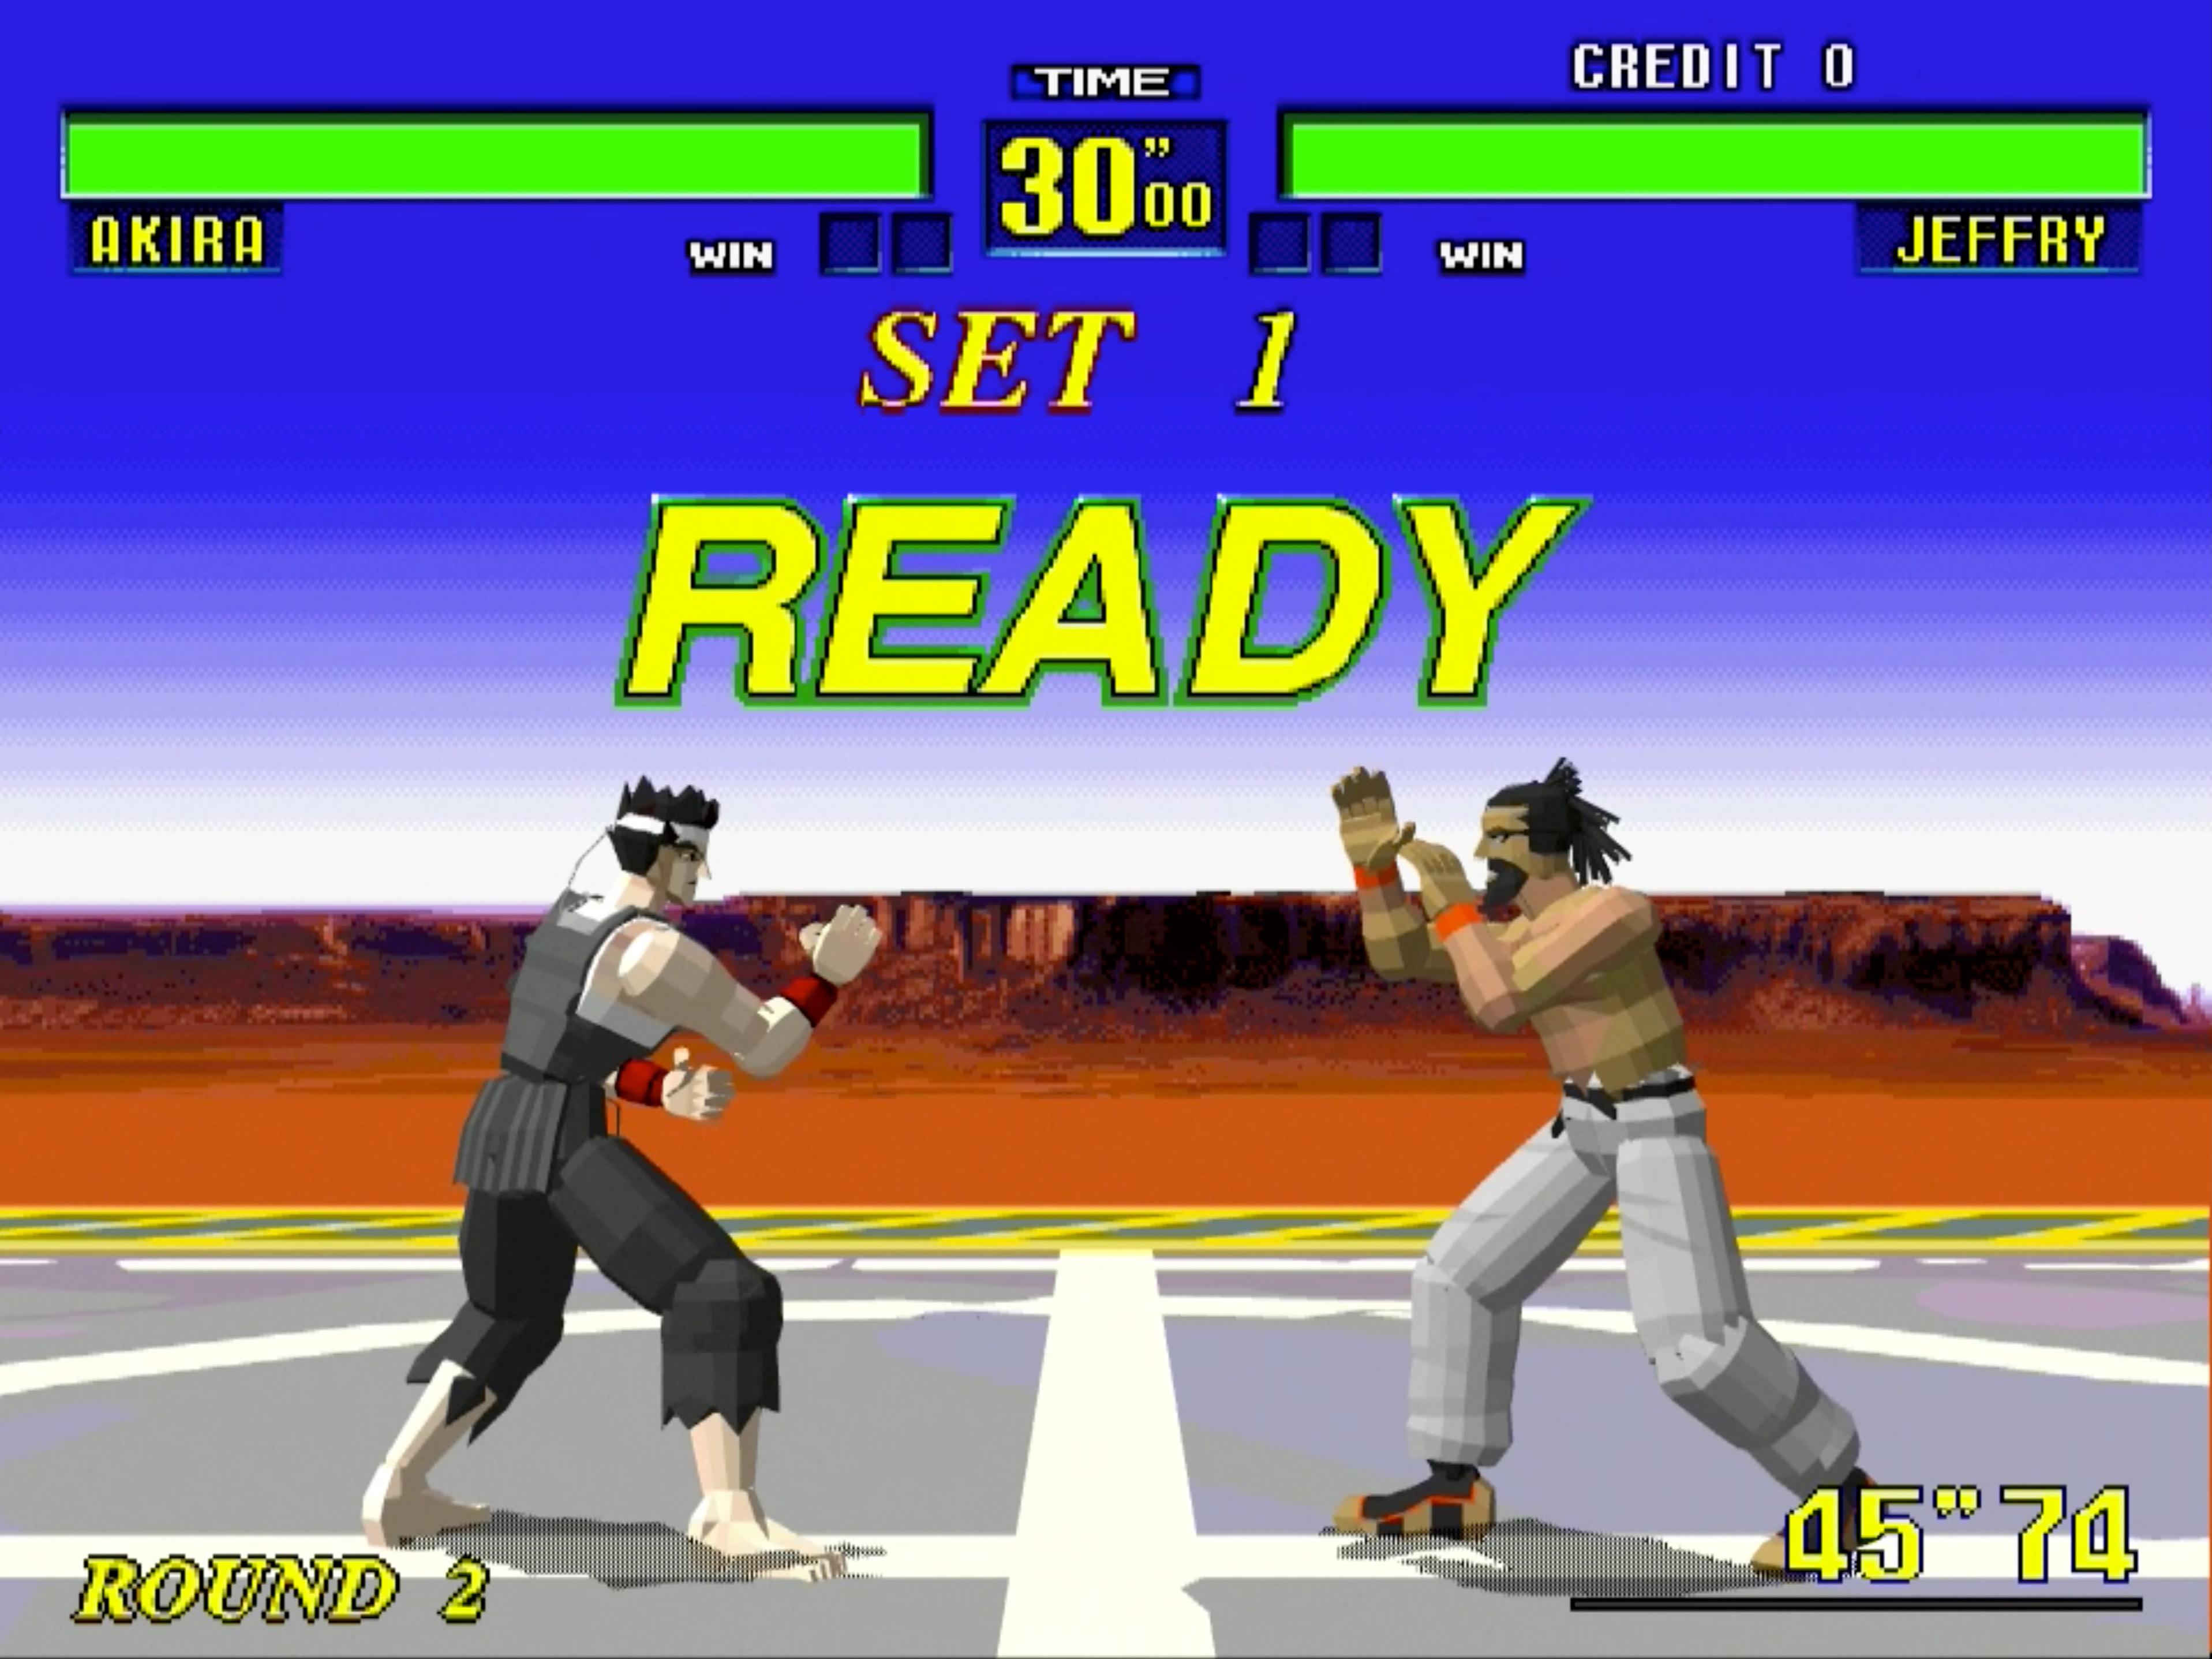 世界初の3D格闘ゲーム。世界中から集まったあらゆる格闘家が己の肉体だけで死闘を繰り広げる。「世界格闘トーナメント」での優勝を目指せ!!